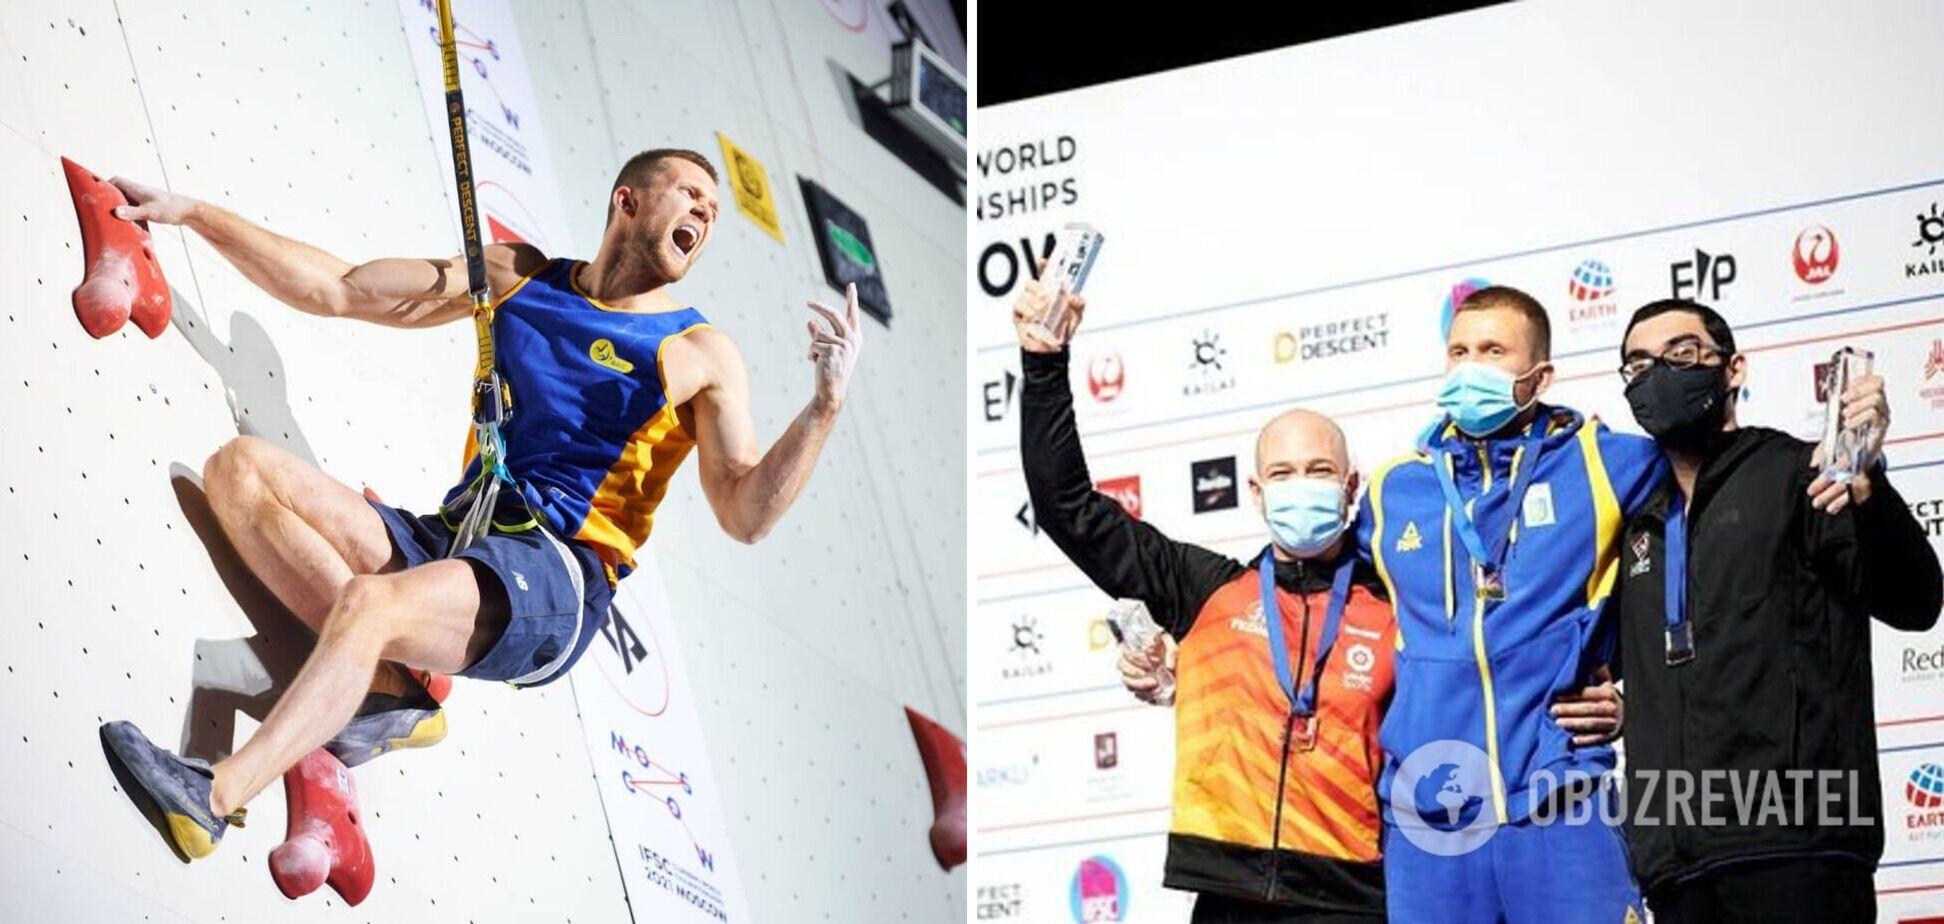 Даниил Болдырев выиграл чемпионат мира в Москве